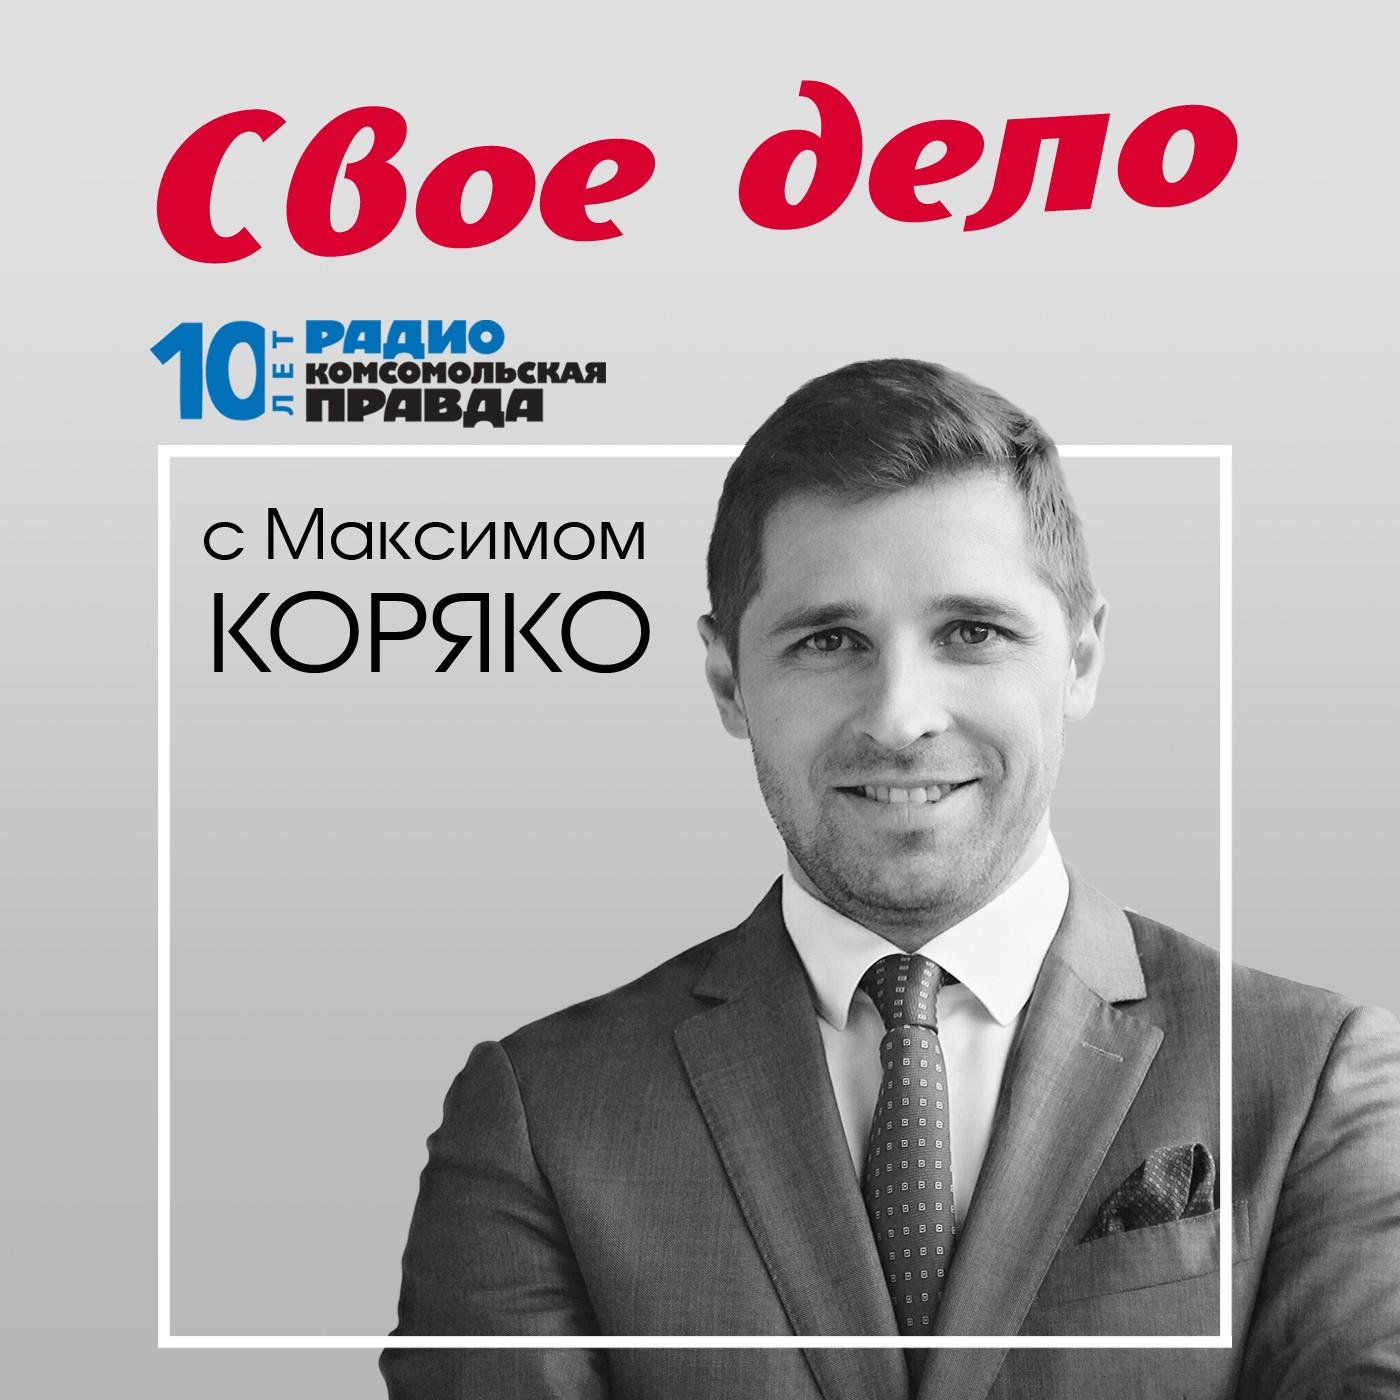 Радио «Комсомольская правда» Как «дым отечества» конвертировать в деньги? радио комсомольская правда эксперты завершили исследования на месте трагедии